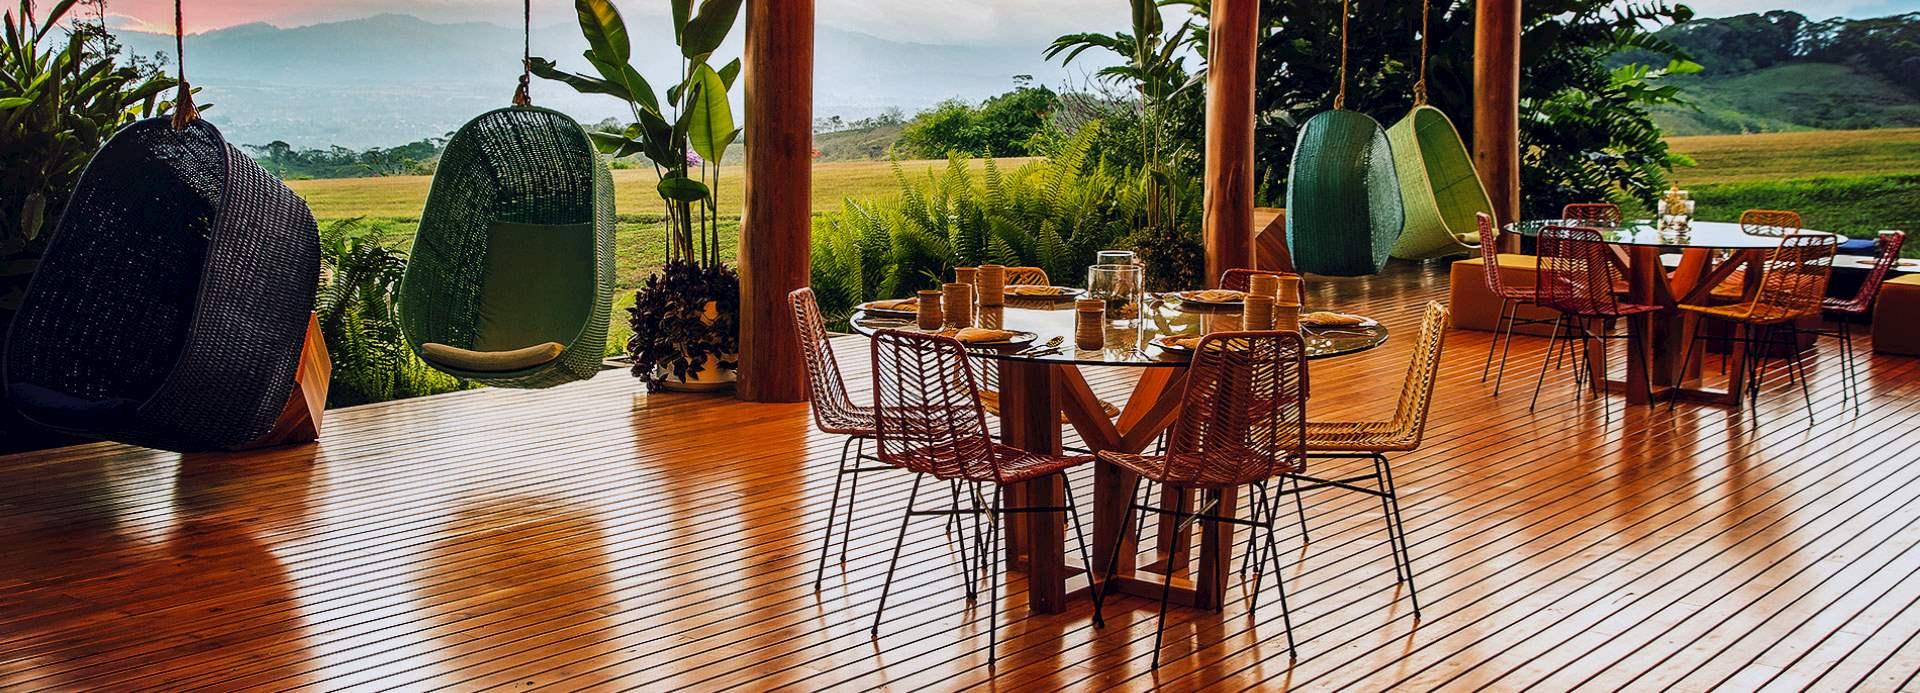 Outdoor Dining area at Kinkara, Santa Elena